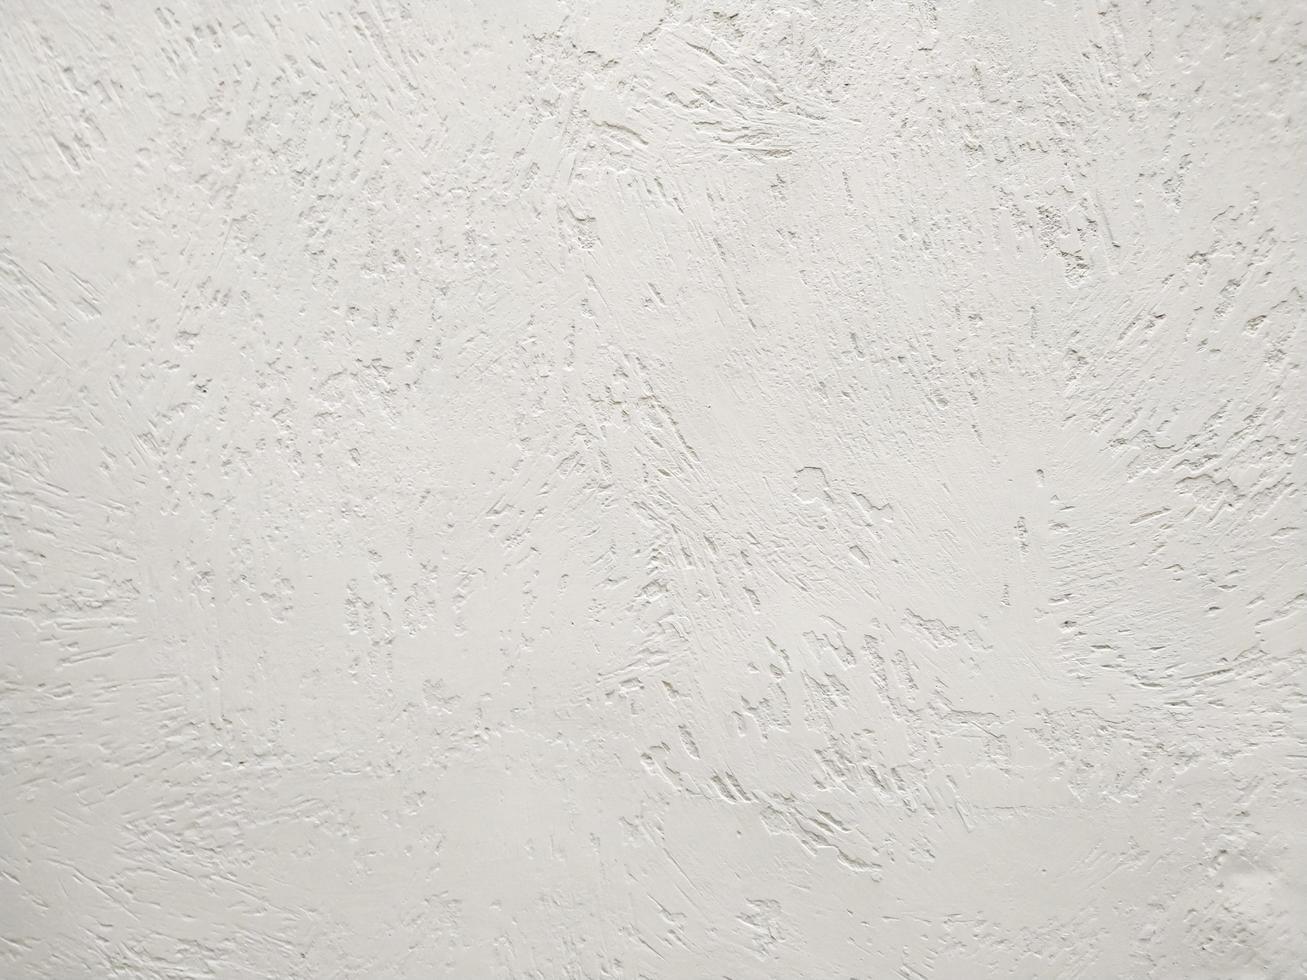 muro di stucco bianco foto